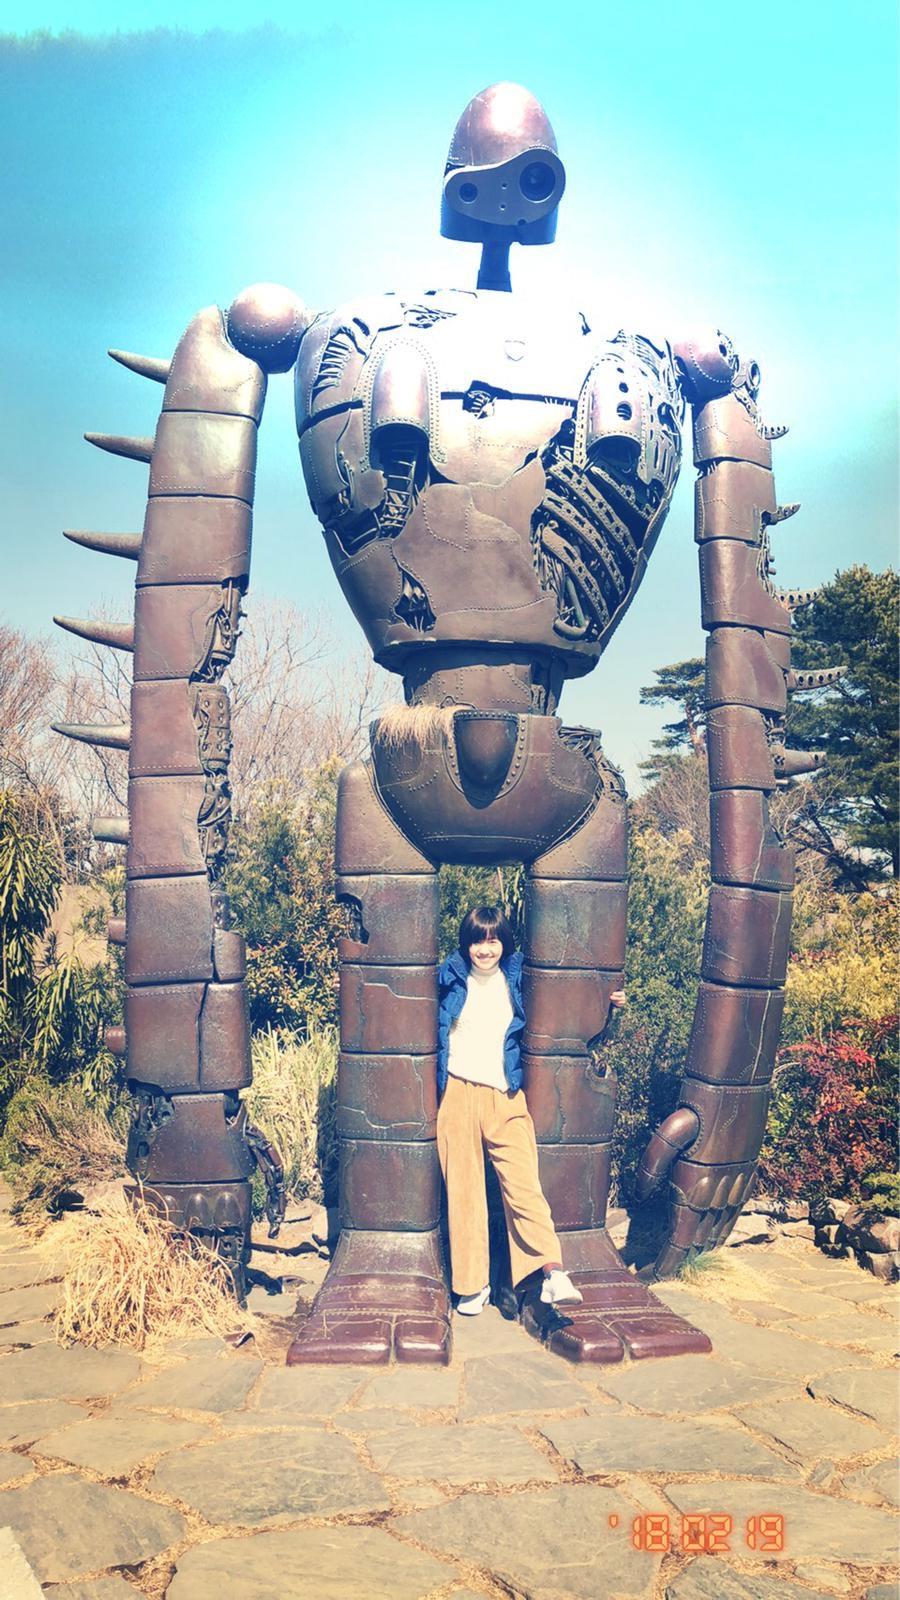 ▲宮崎駿的吉卜力美術館,讓嚴正嵐印象深刻,覺得非常有趣。